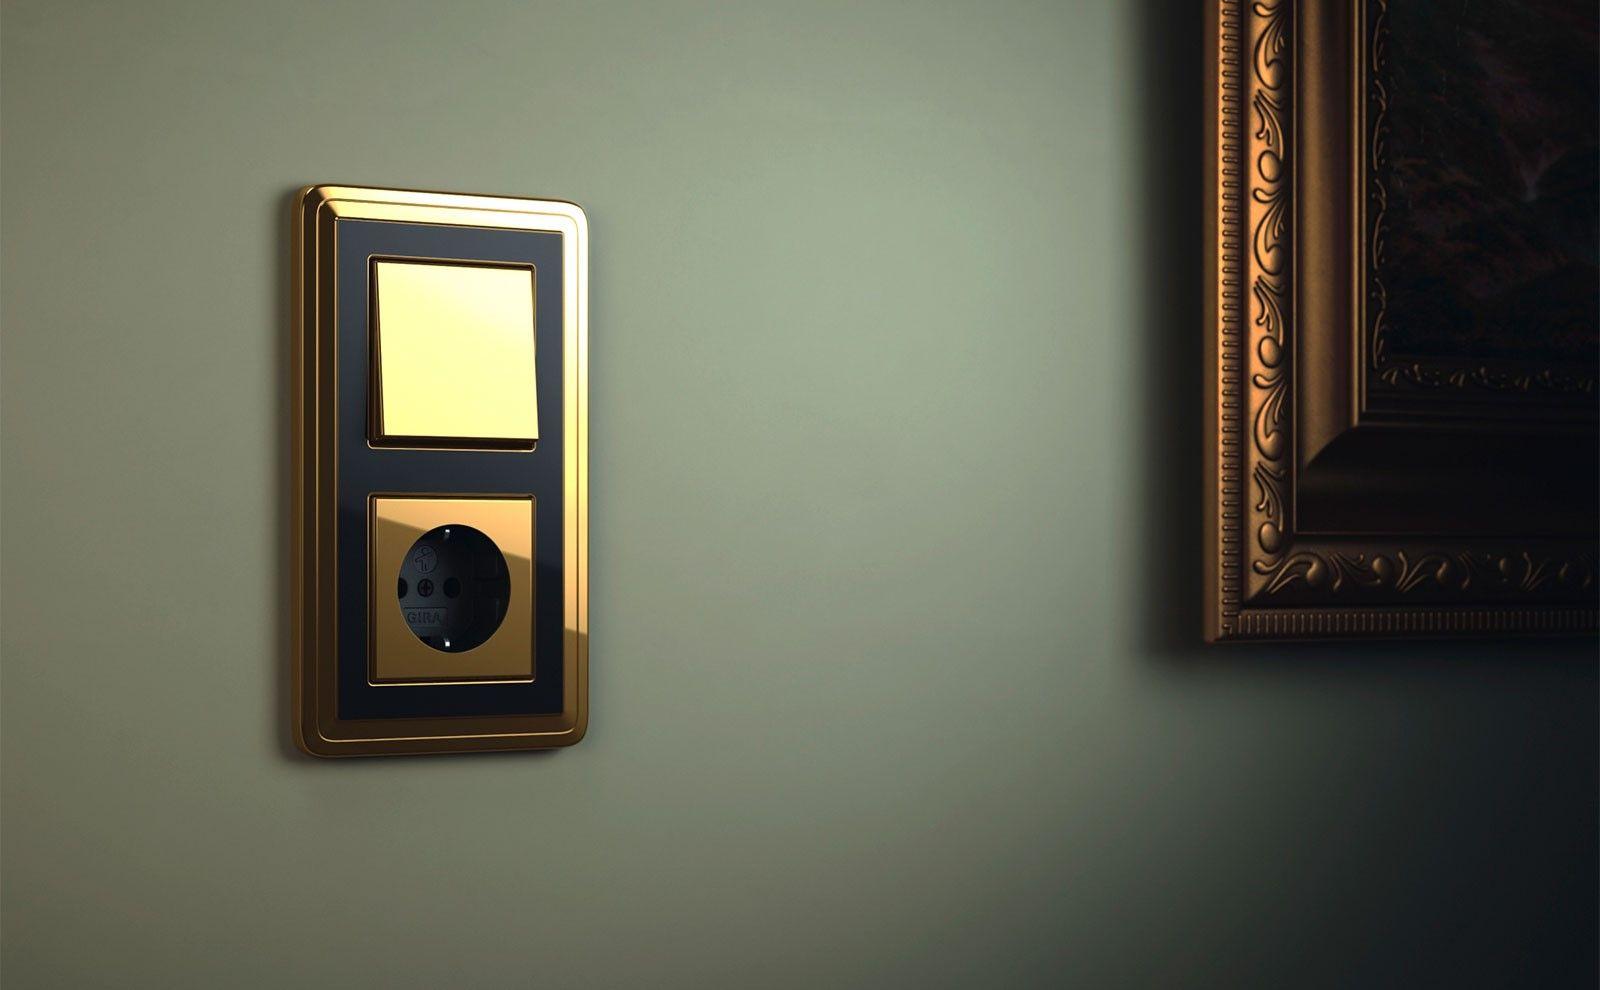 gira-schalterprogramm-gold